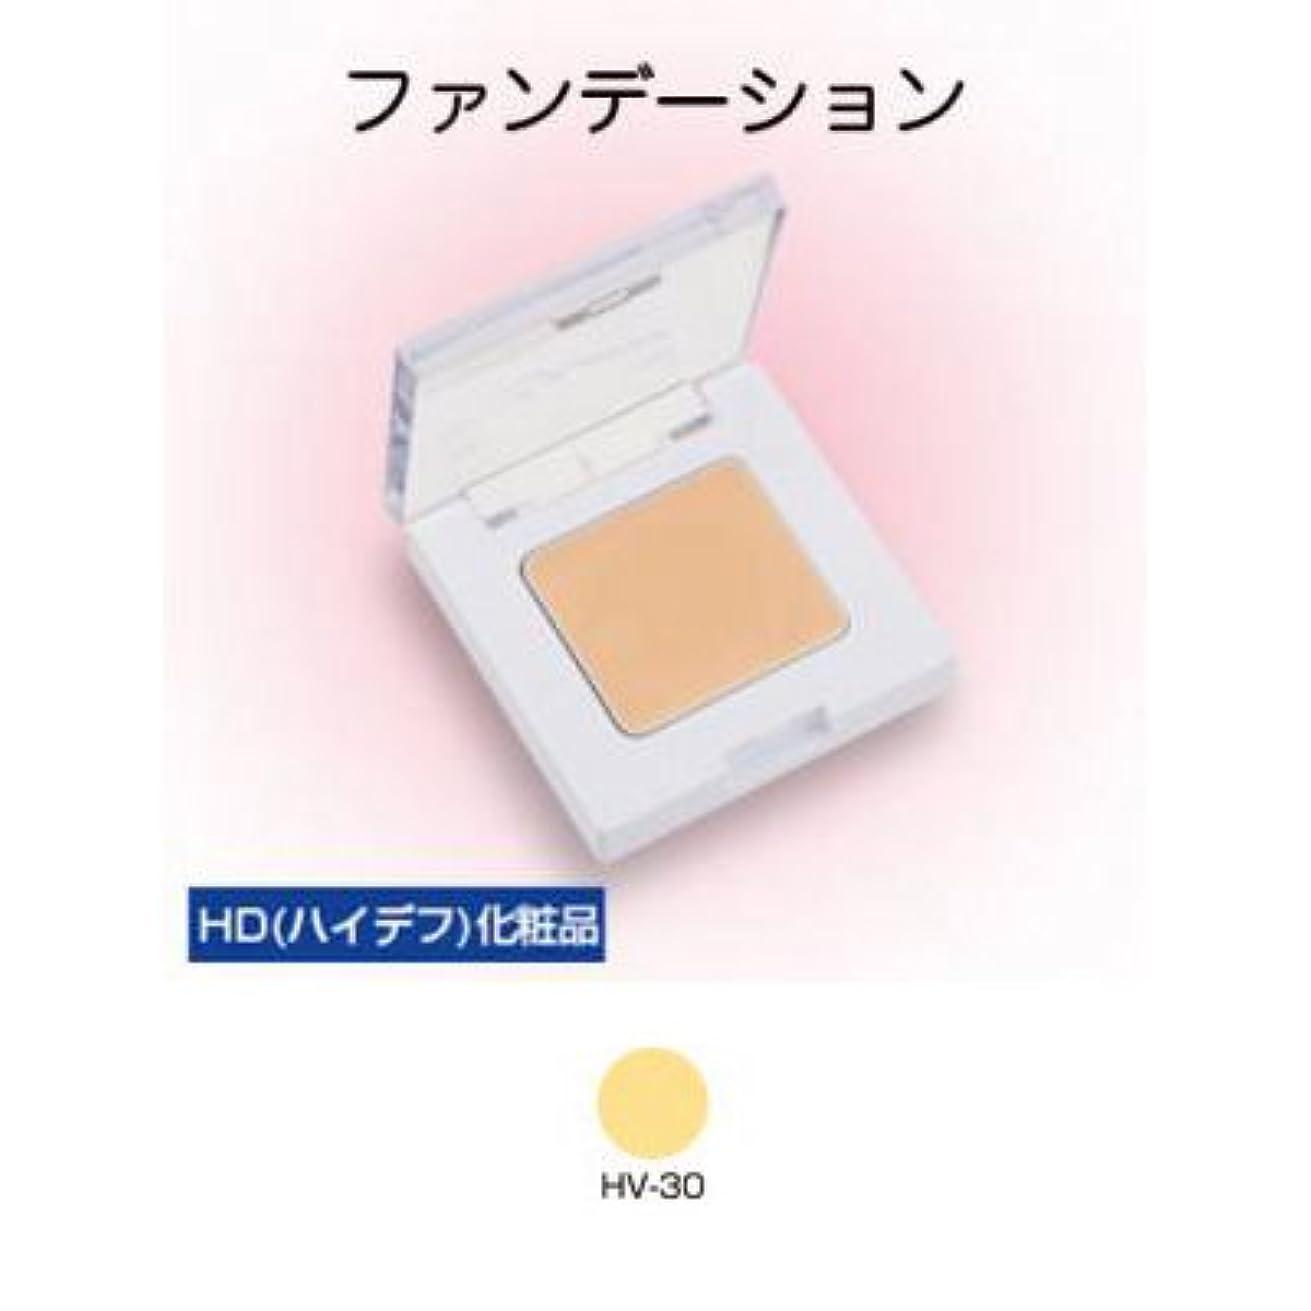 憤る職人大きいシャレナ カバーファンデーション ミニ HV-30 【三善】